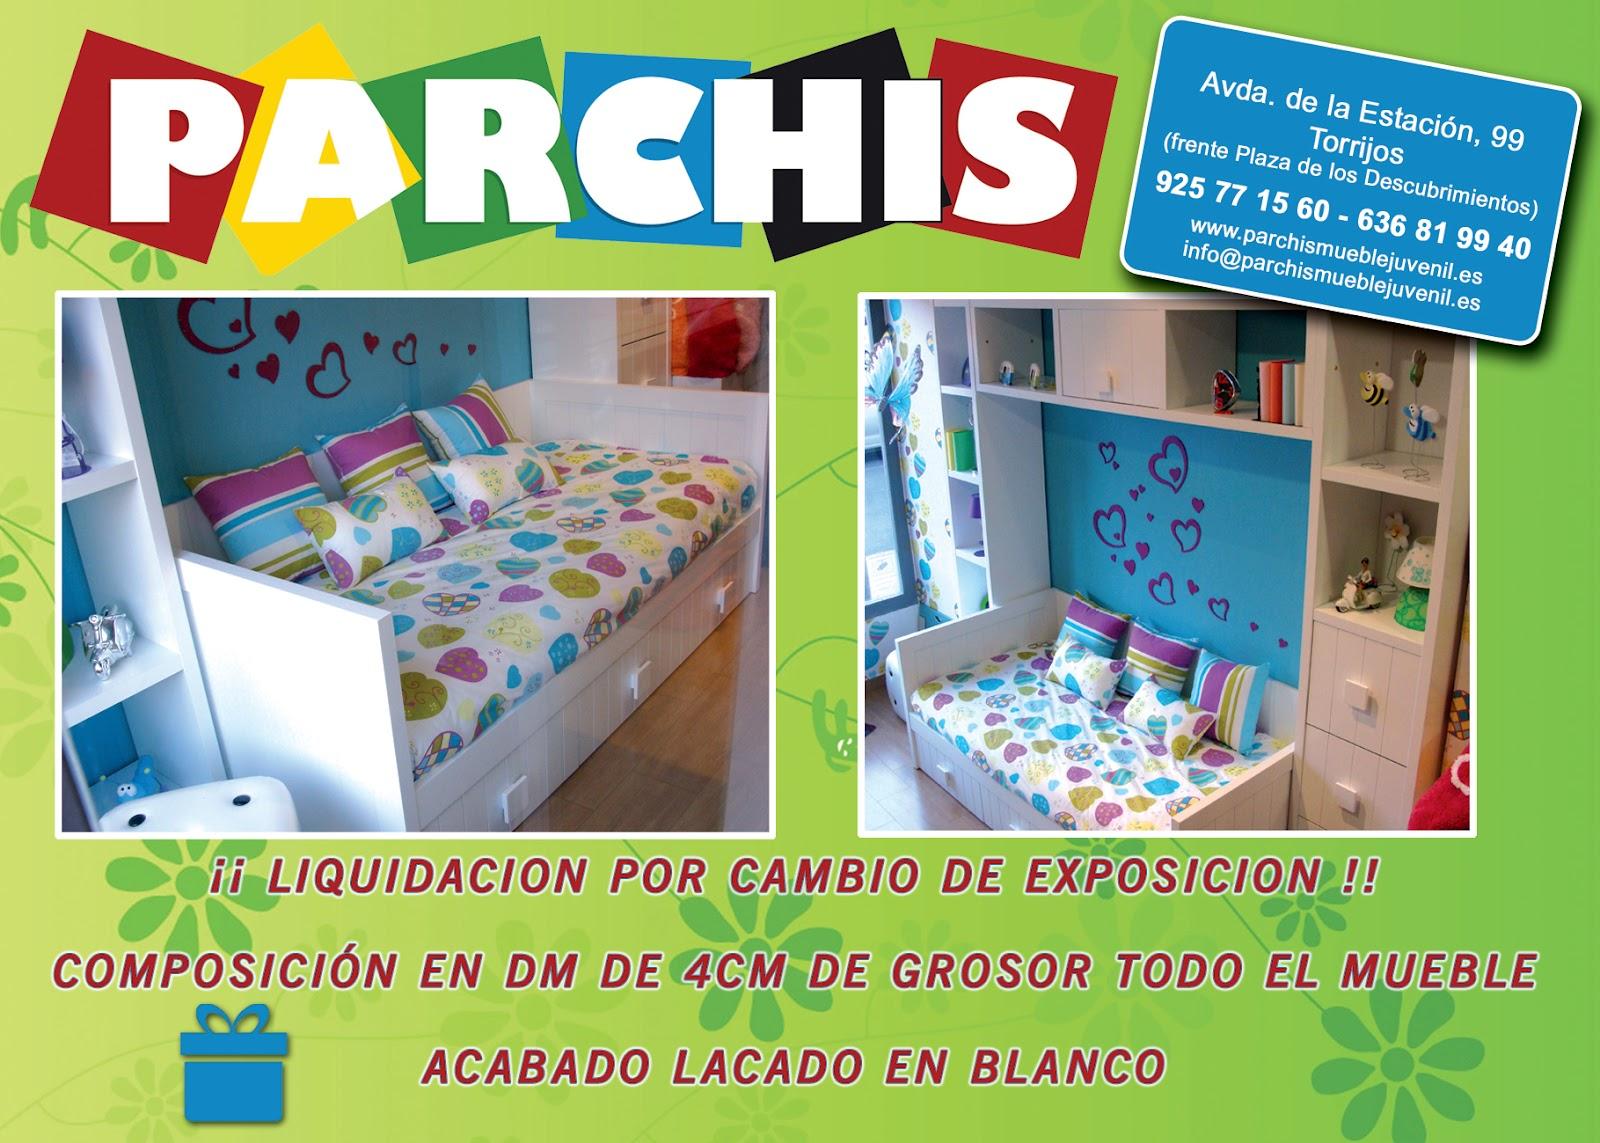 Camas Abatibles En Madrid Camas Abatibles Toledo Liquidacion De  # Muebles Liquidacion